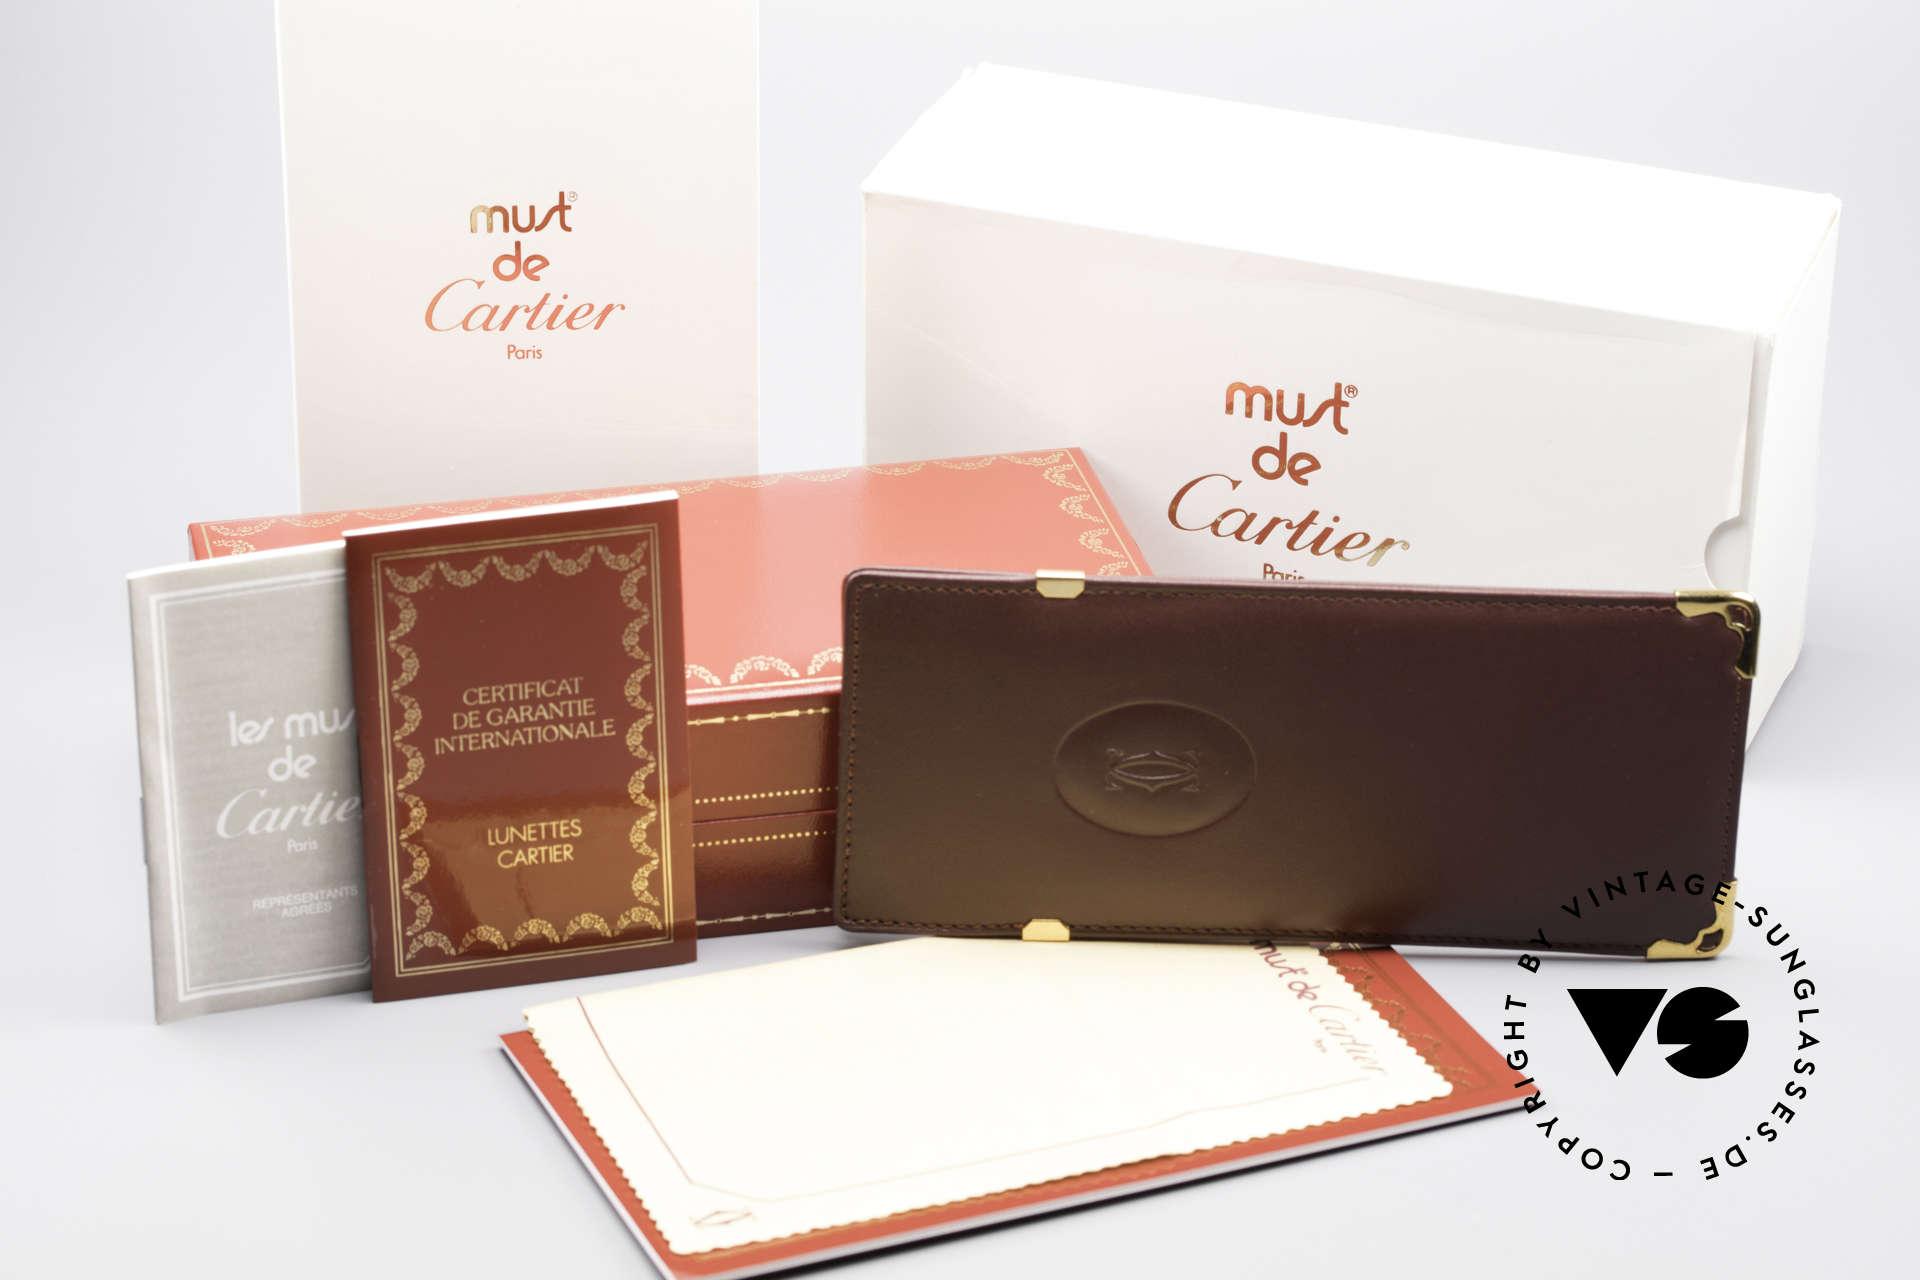 Cartier MUST LC - M 3D Rot Luxus Sonnenbrille, KEIN RETRO; ein 35 Jahre altes vintage ORIGINAL!, Passend für Herren